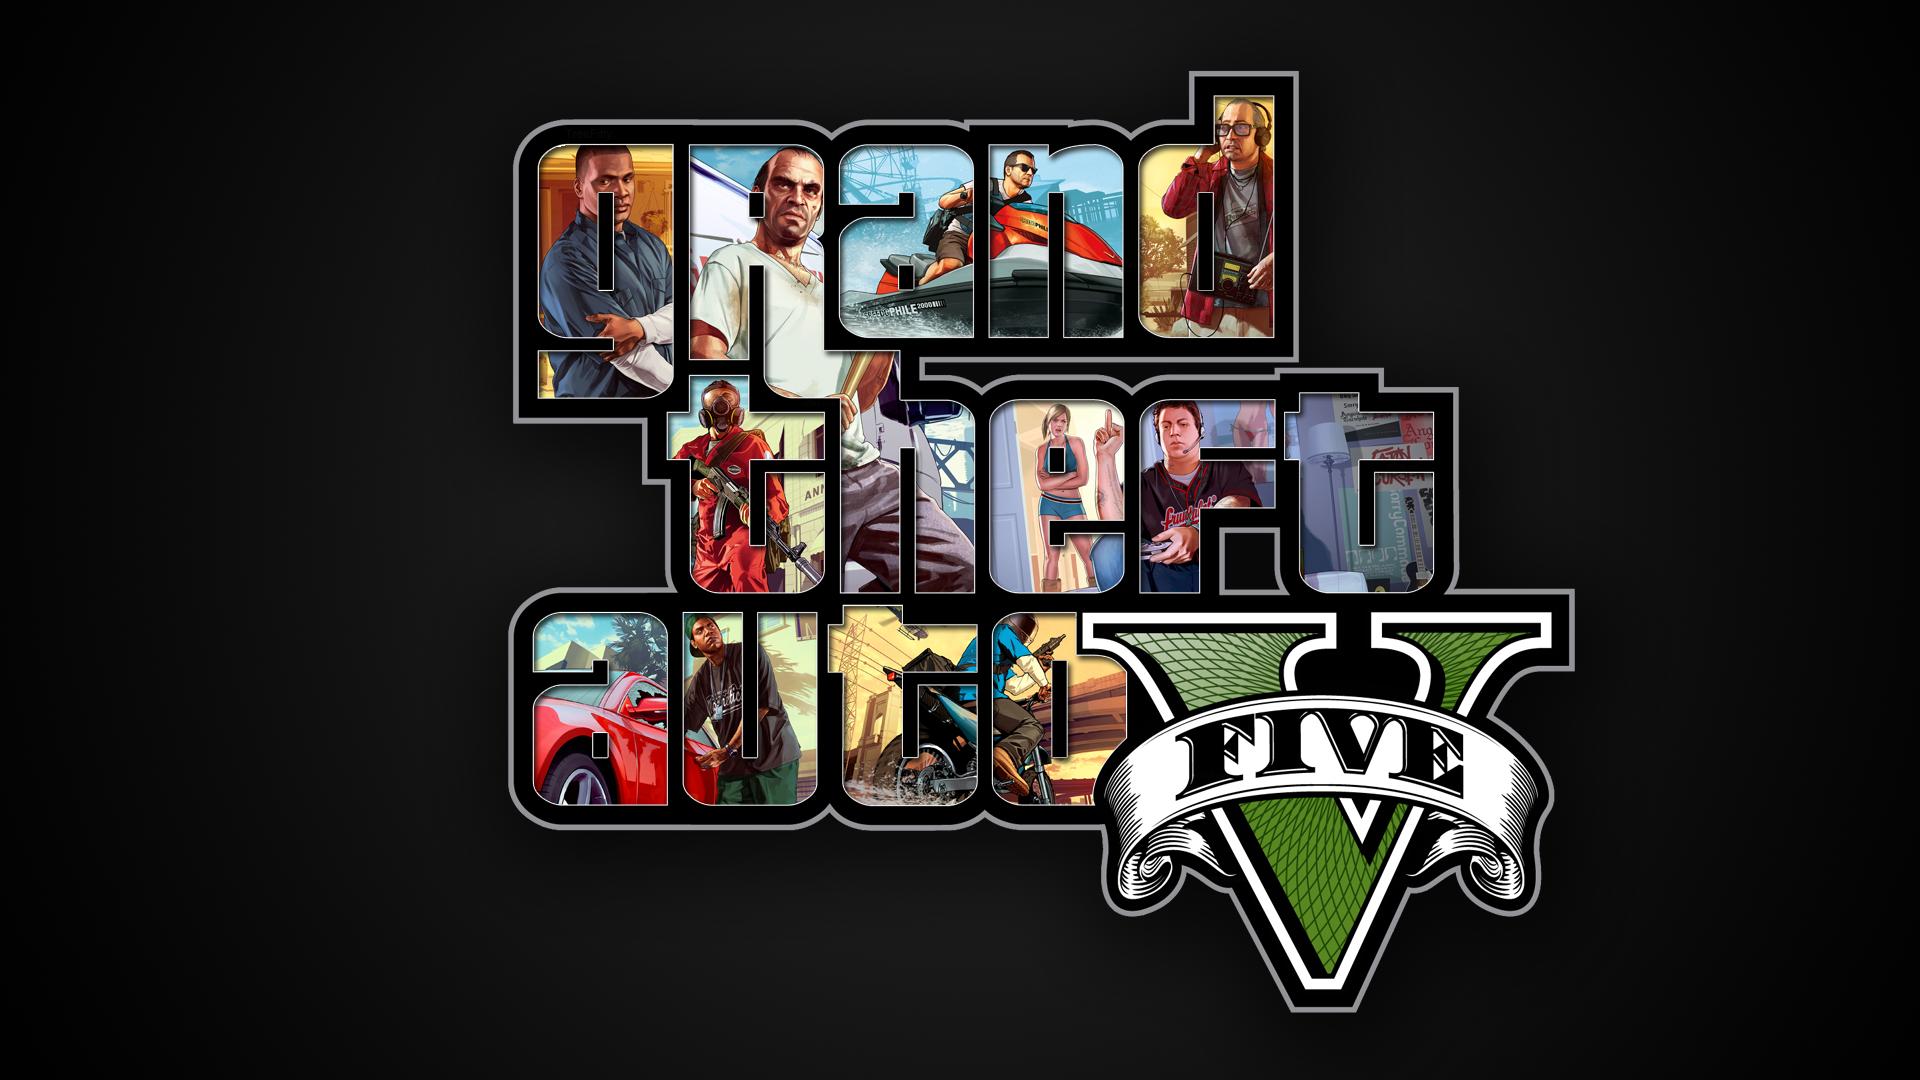 gta v wallpaper by xtiiger watch fan art wallpaper games 2013 2016 1920x1080